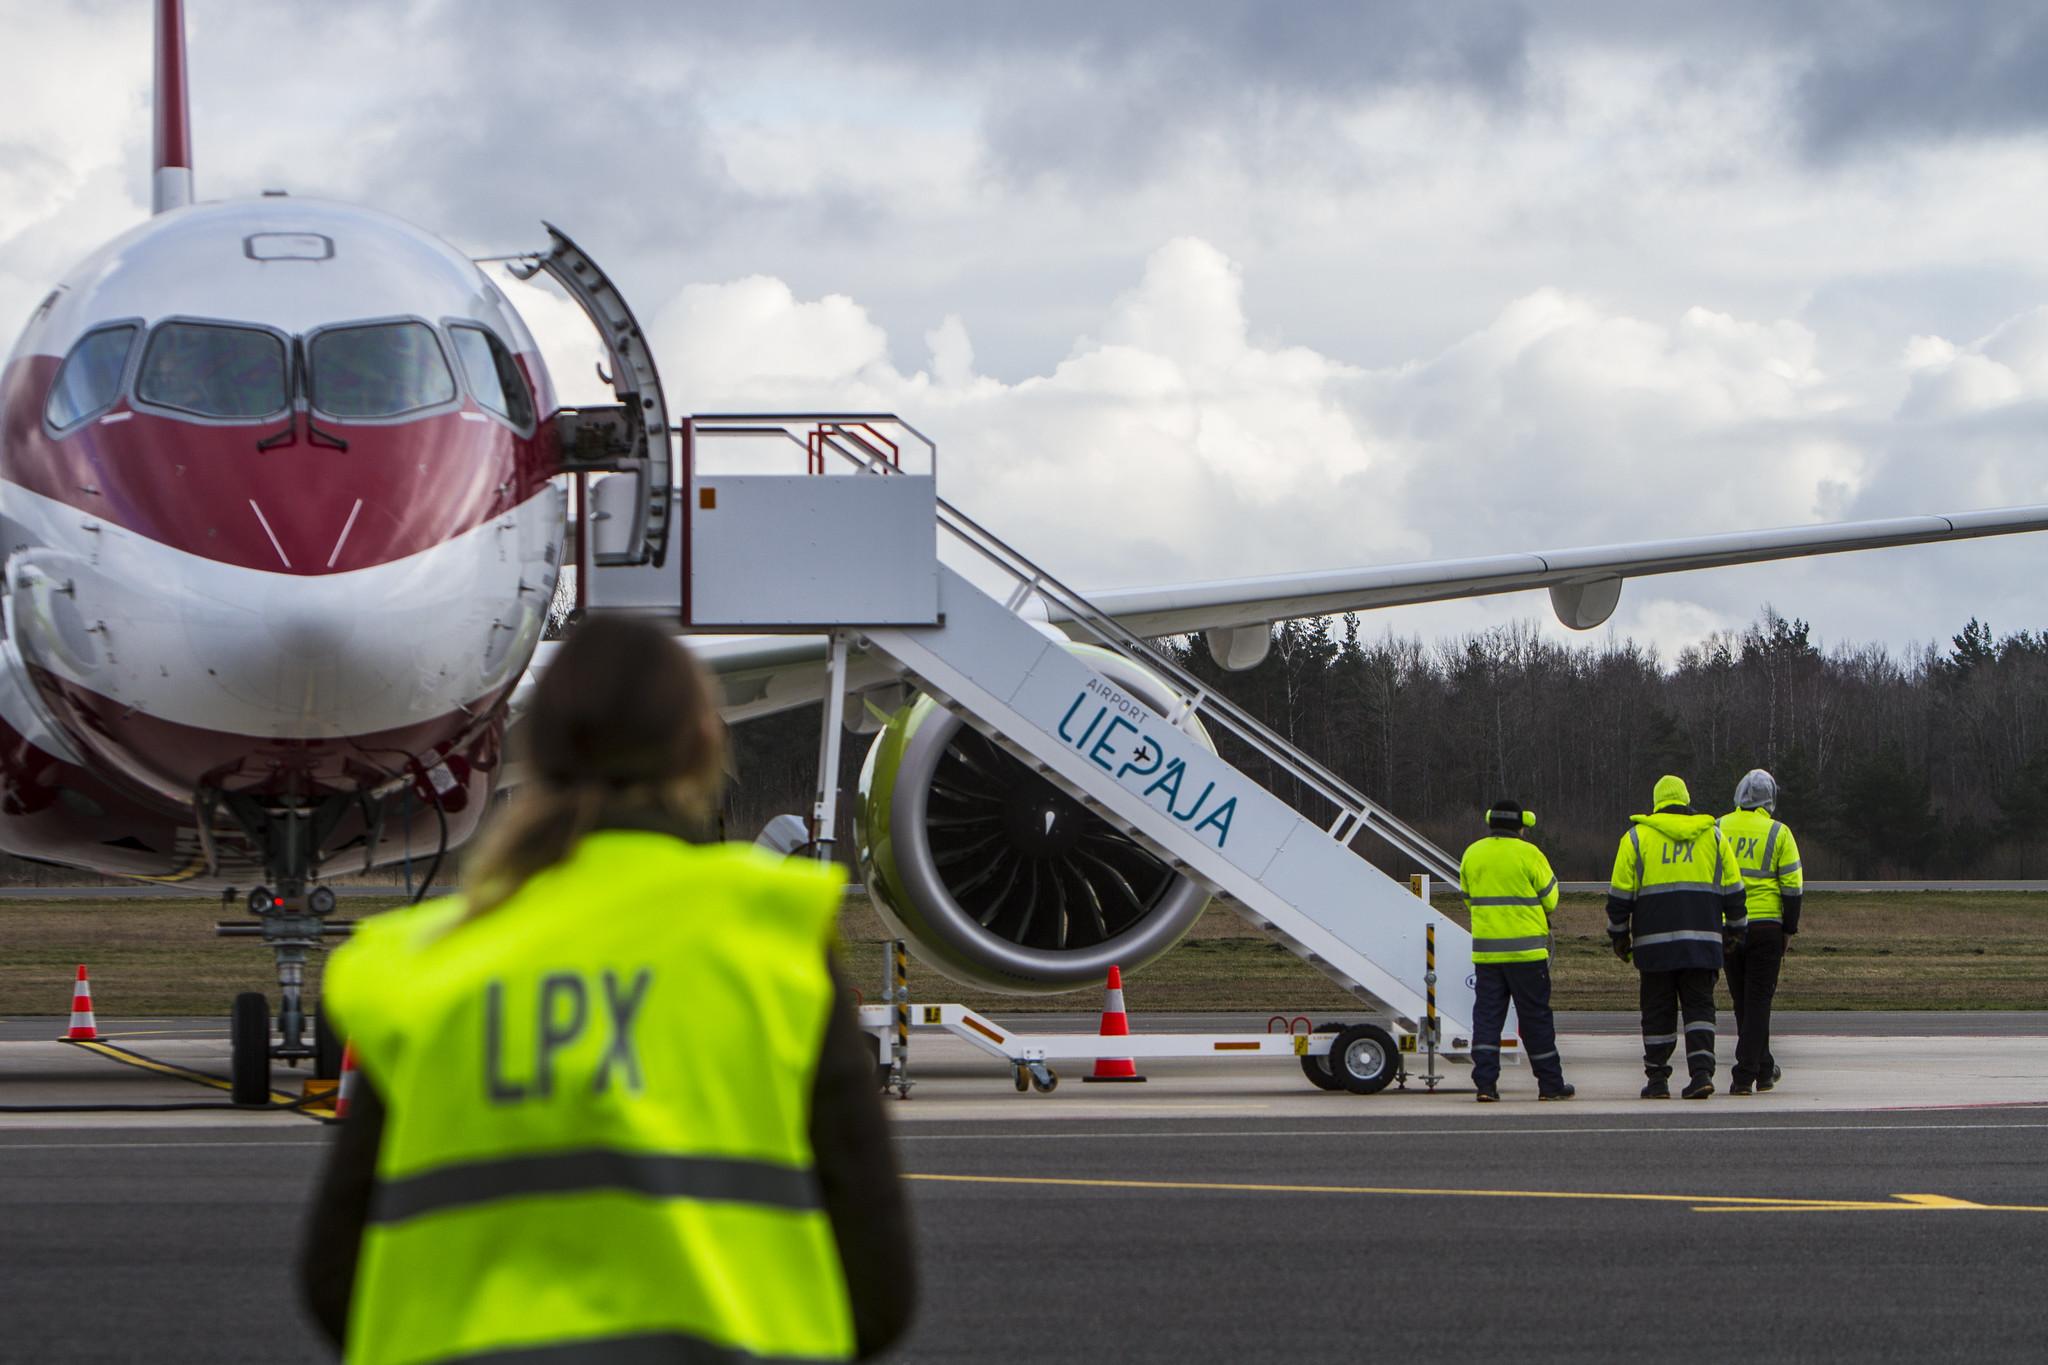 Liepājas lidostas personāls uzņem lidmašīnu